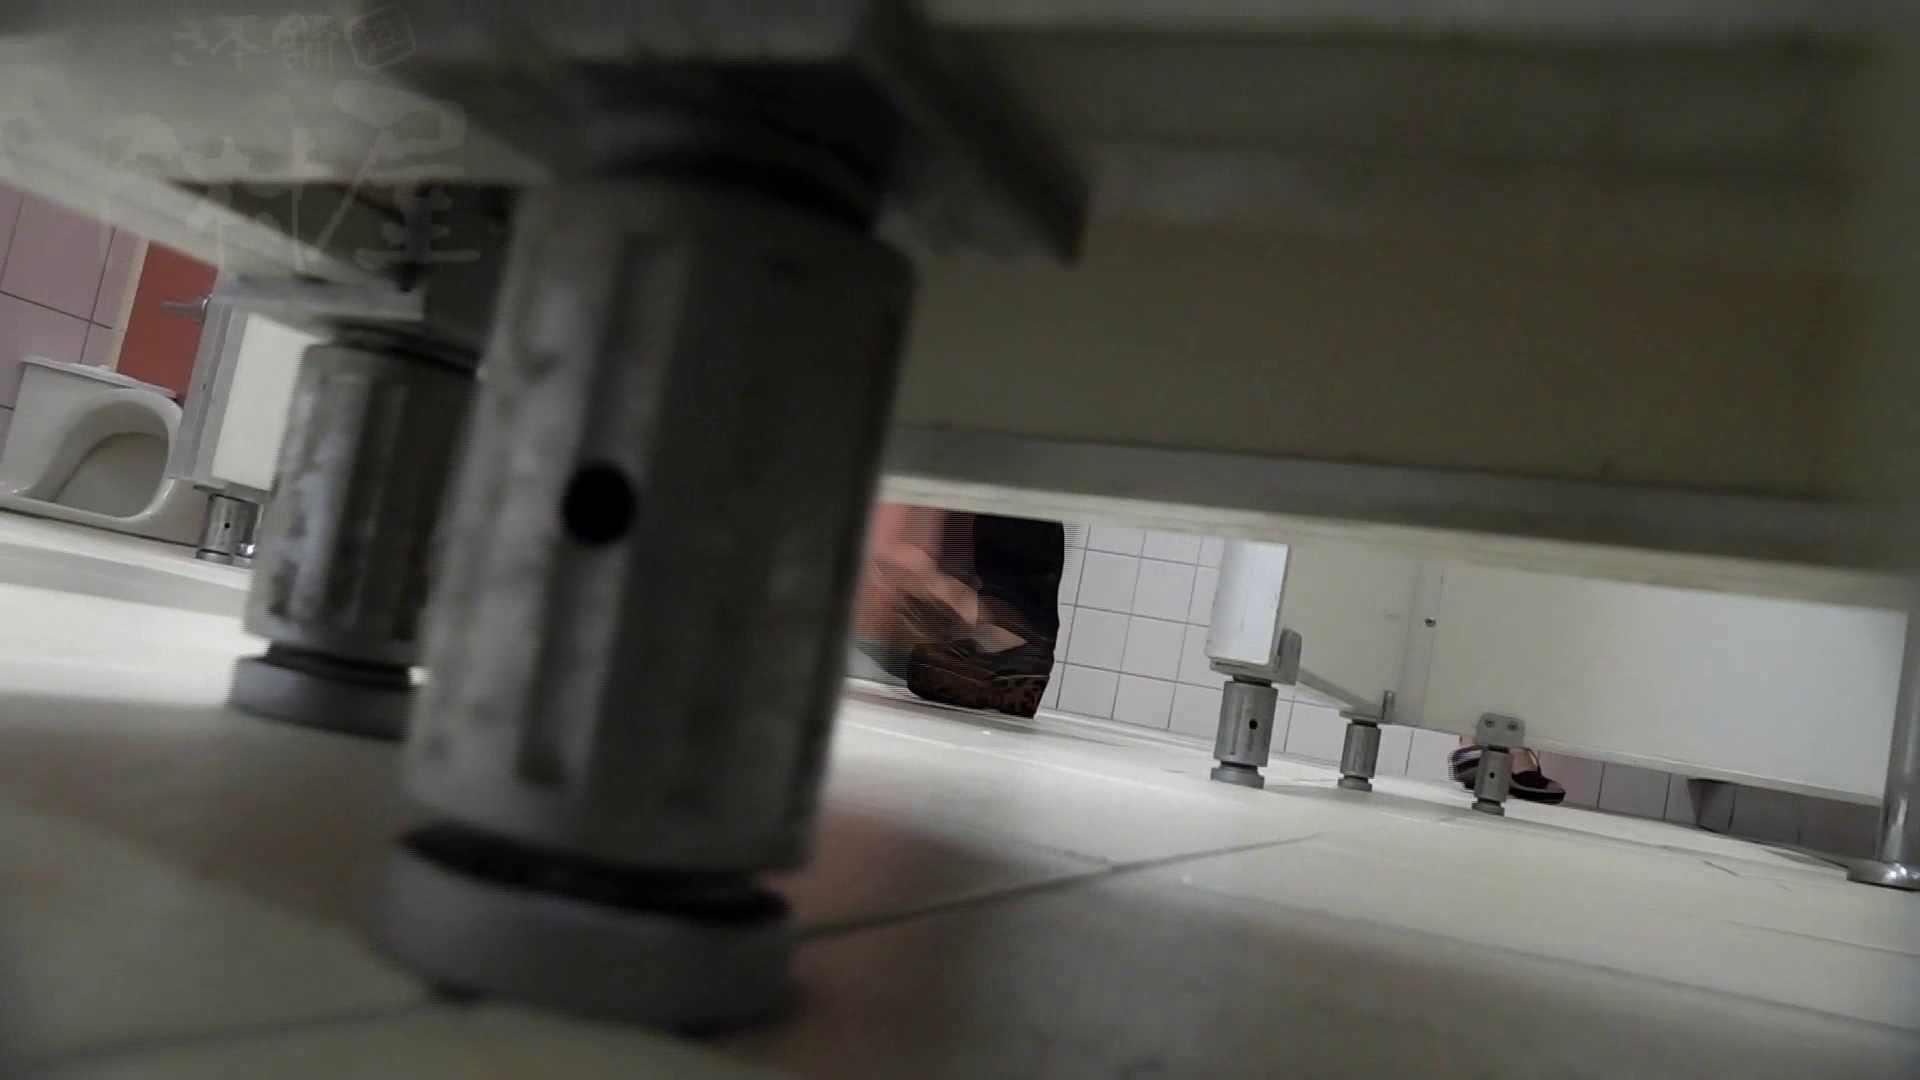 美しい日本の未来 No.29 豹柄サンダルはイ更●気味??? オマンコギャル おまんこ無修正動画無料 111連発 40